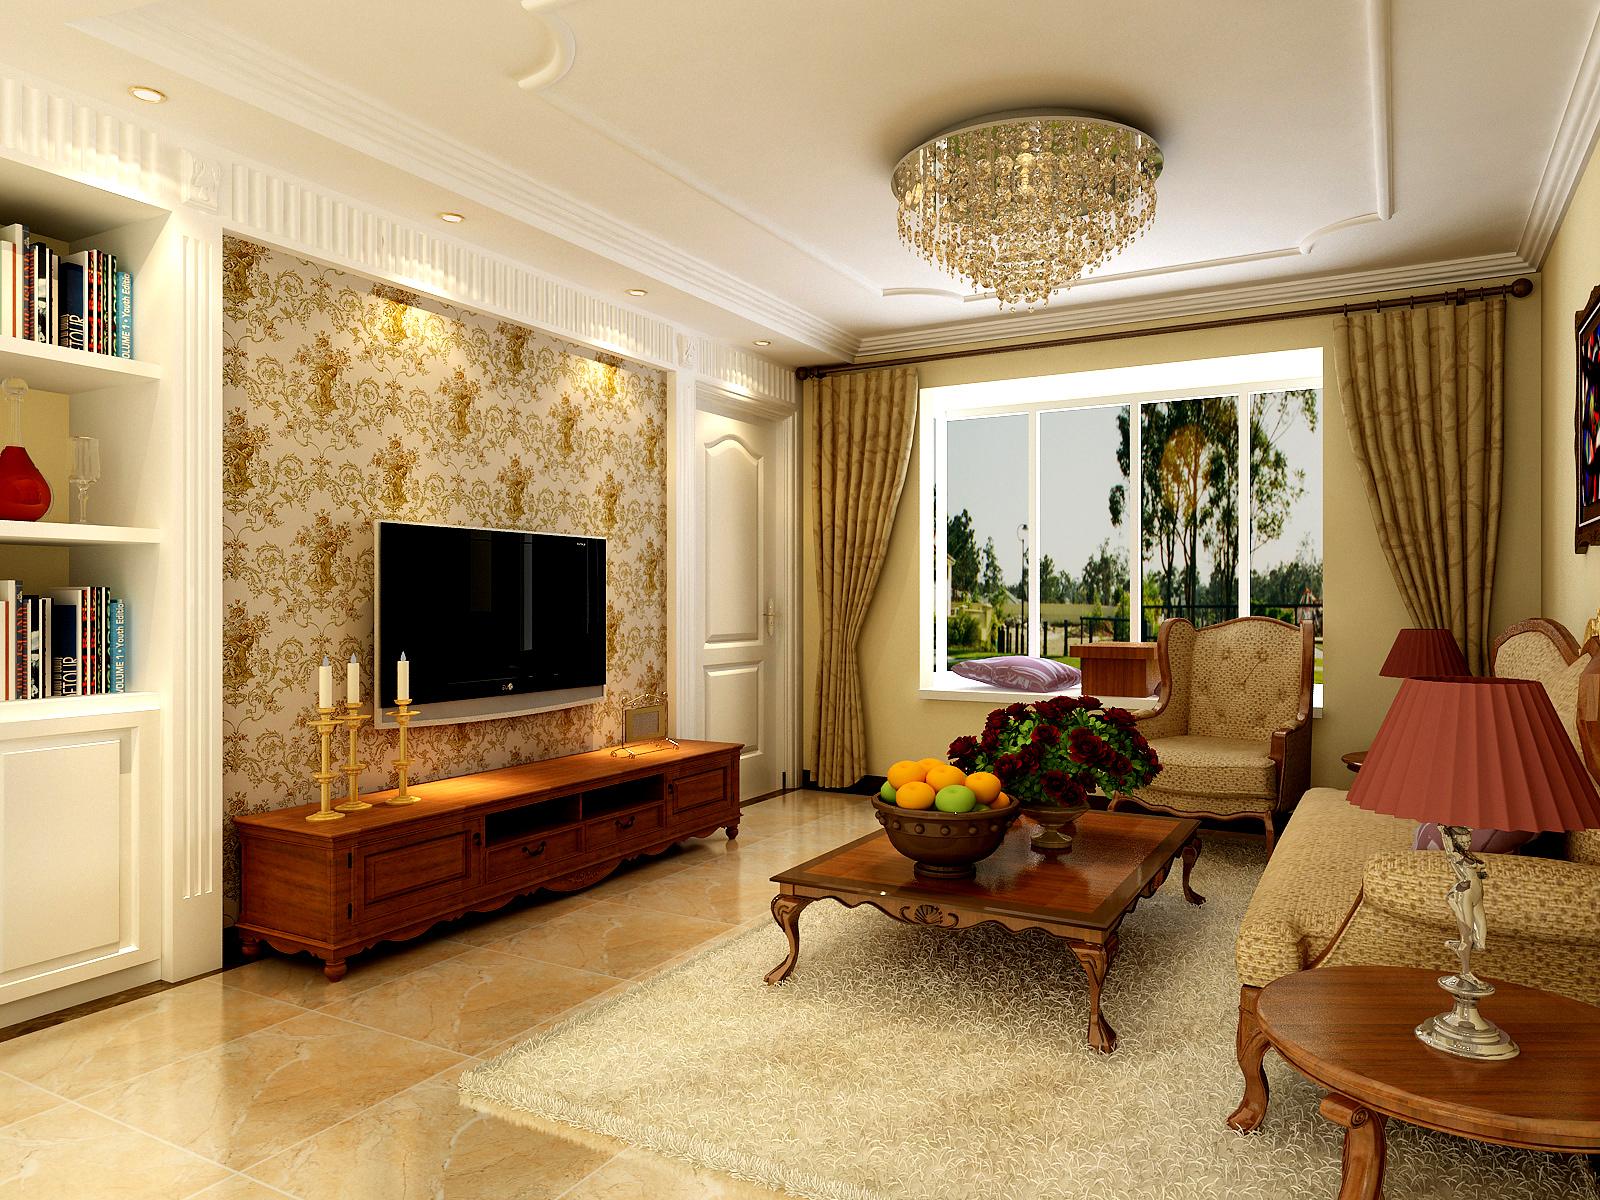 三居 欧式 简约欧式 80后 婚房 客厅图片来自实创装饰都琳在80后大爱简欧风格的分享